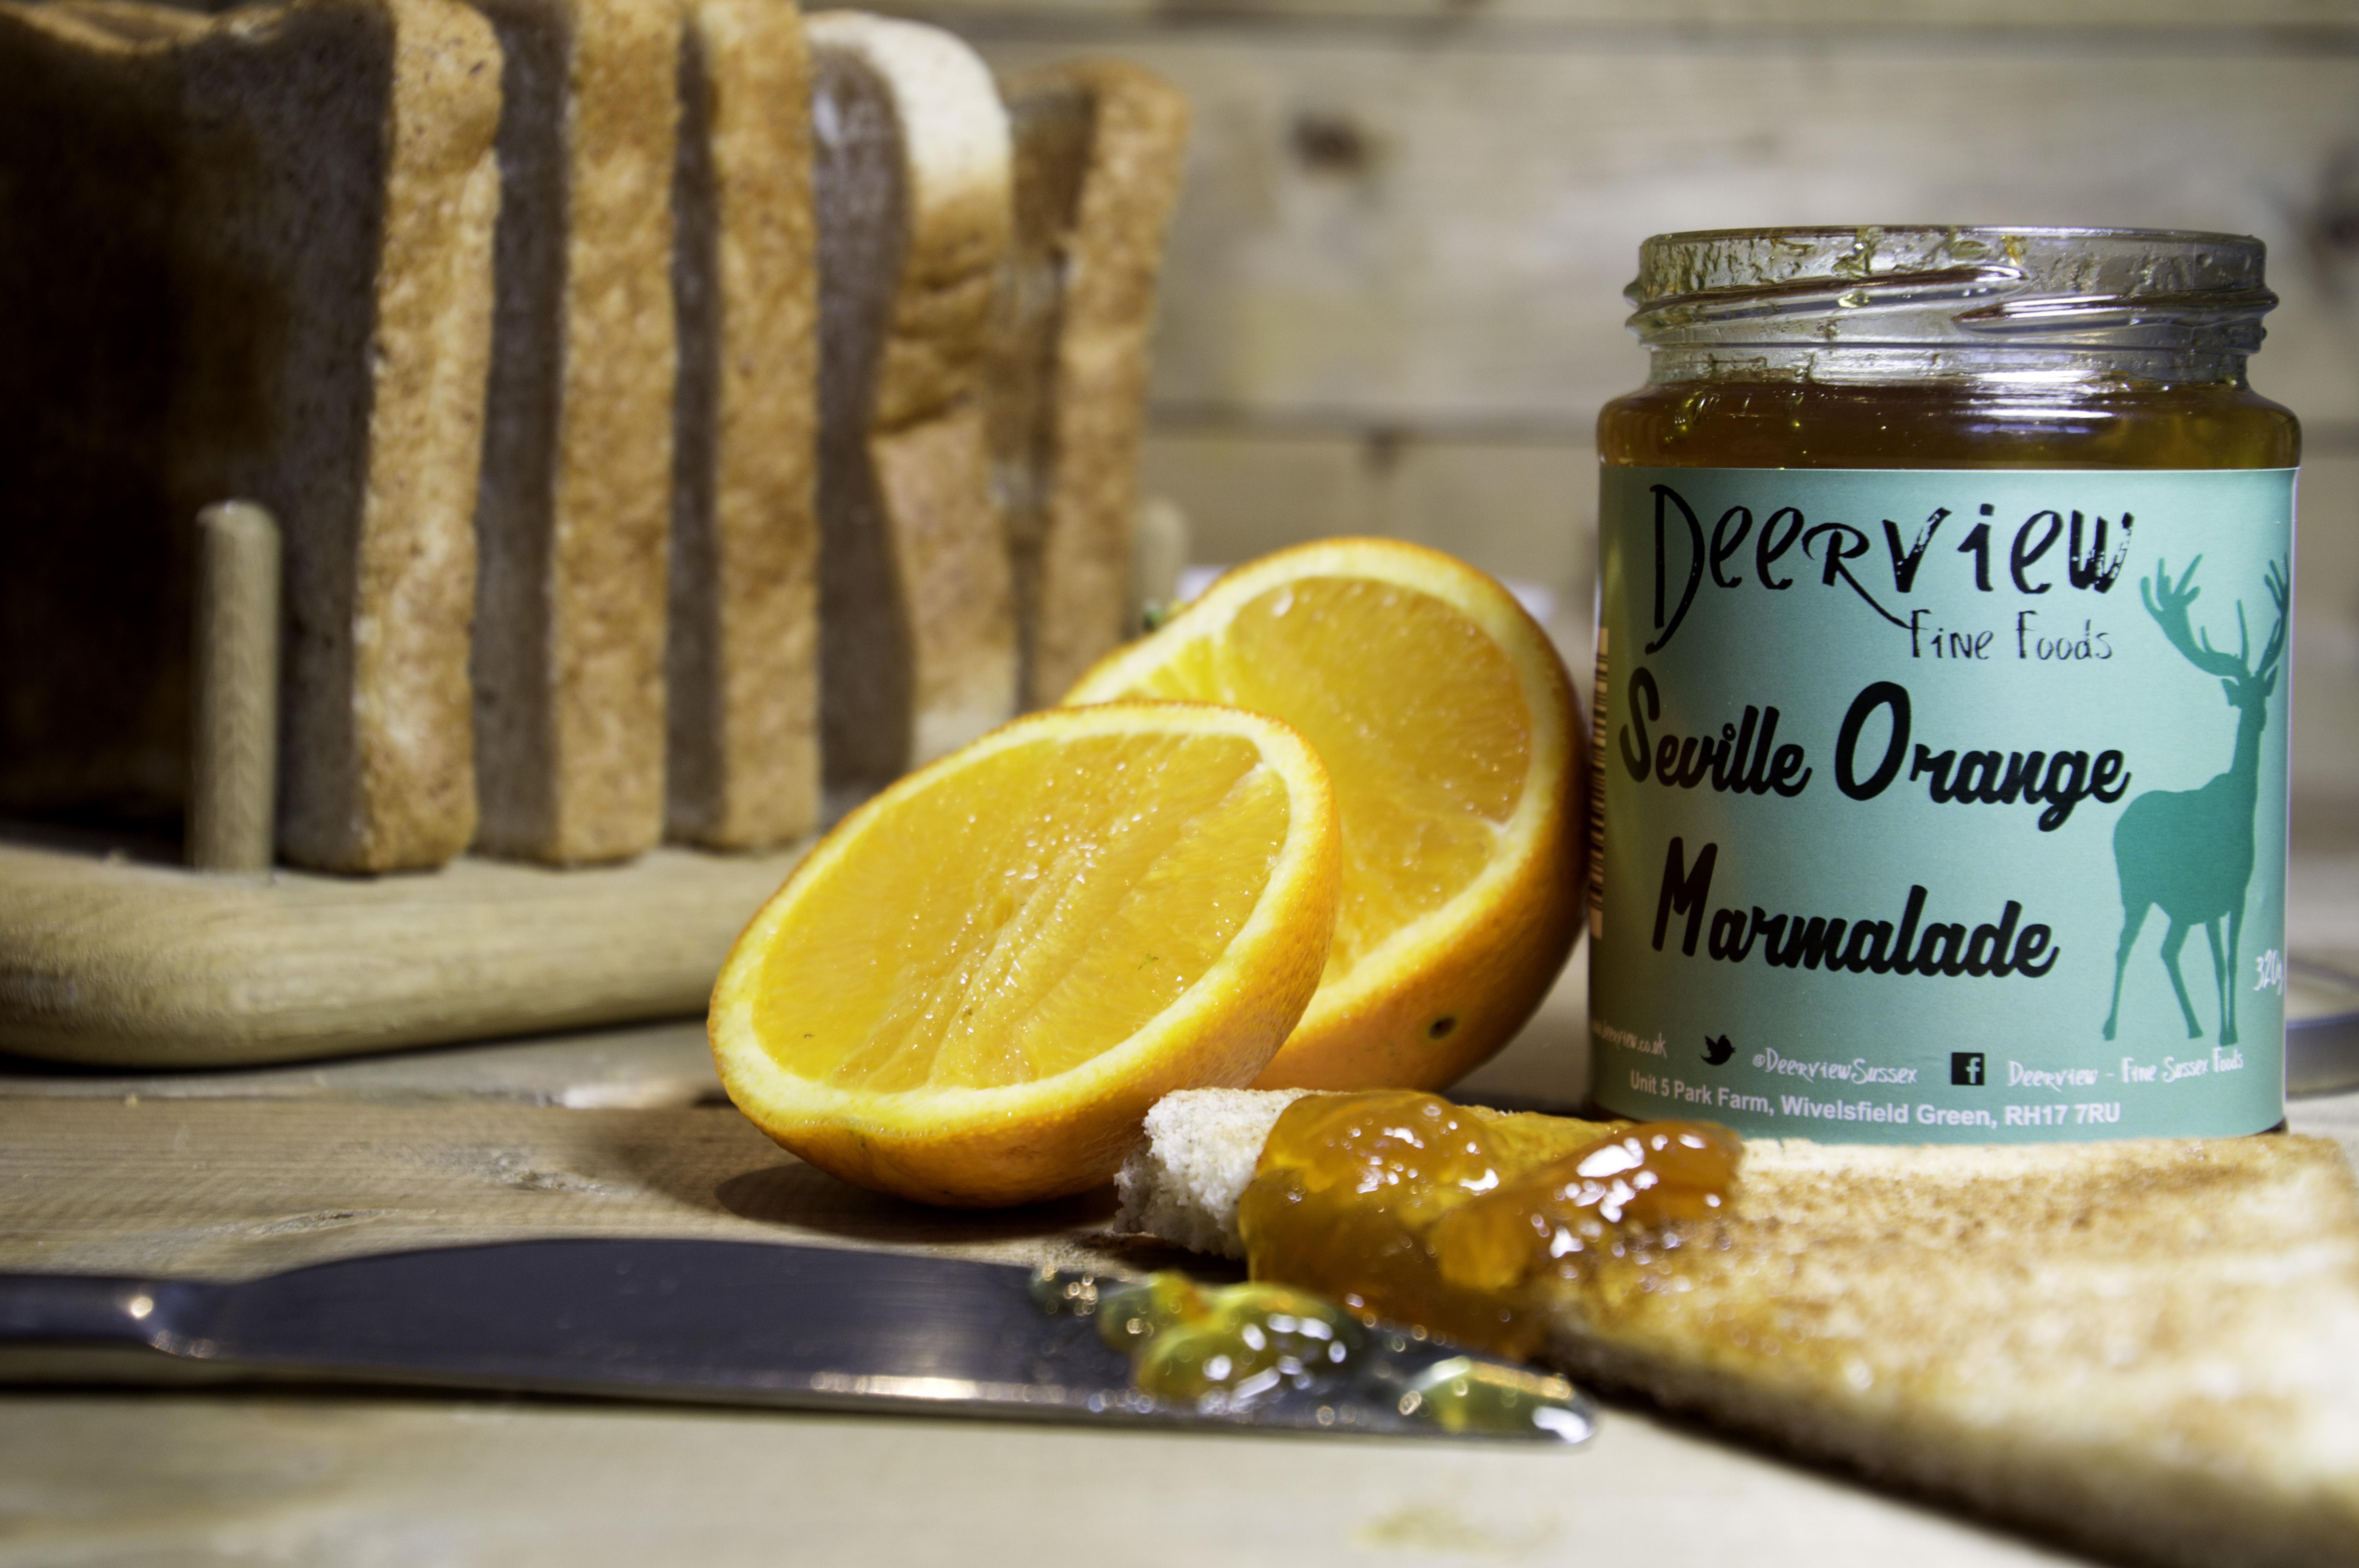 Deerview Fine Foods Seville Orange Marmalade